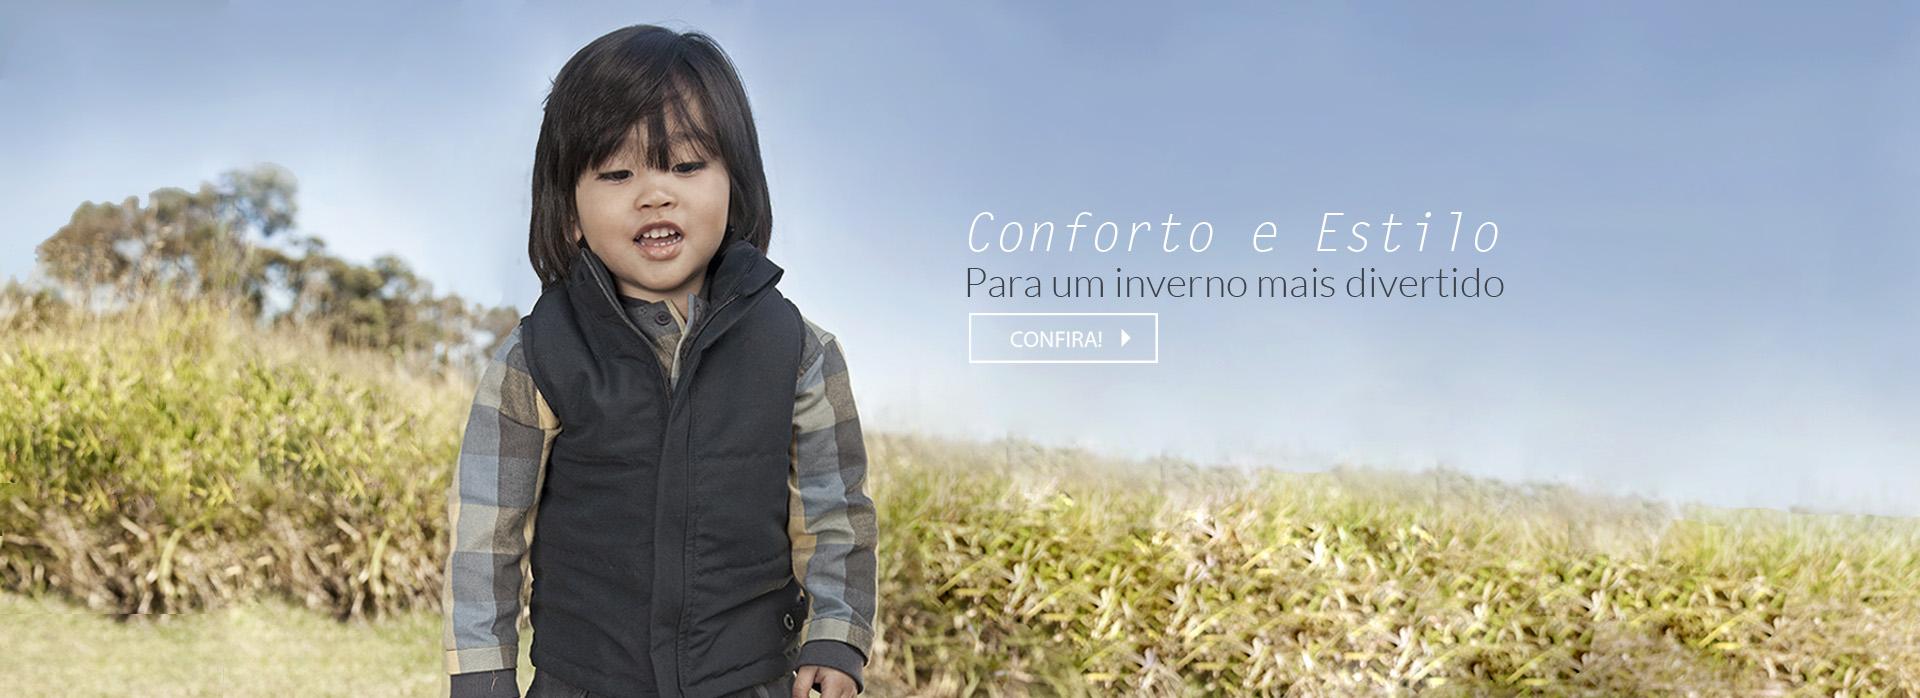 Conforto e Estilo